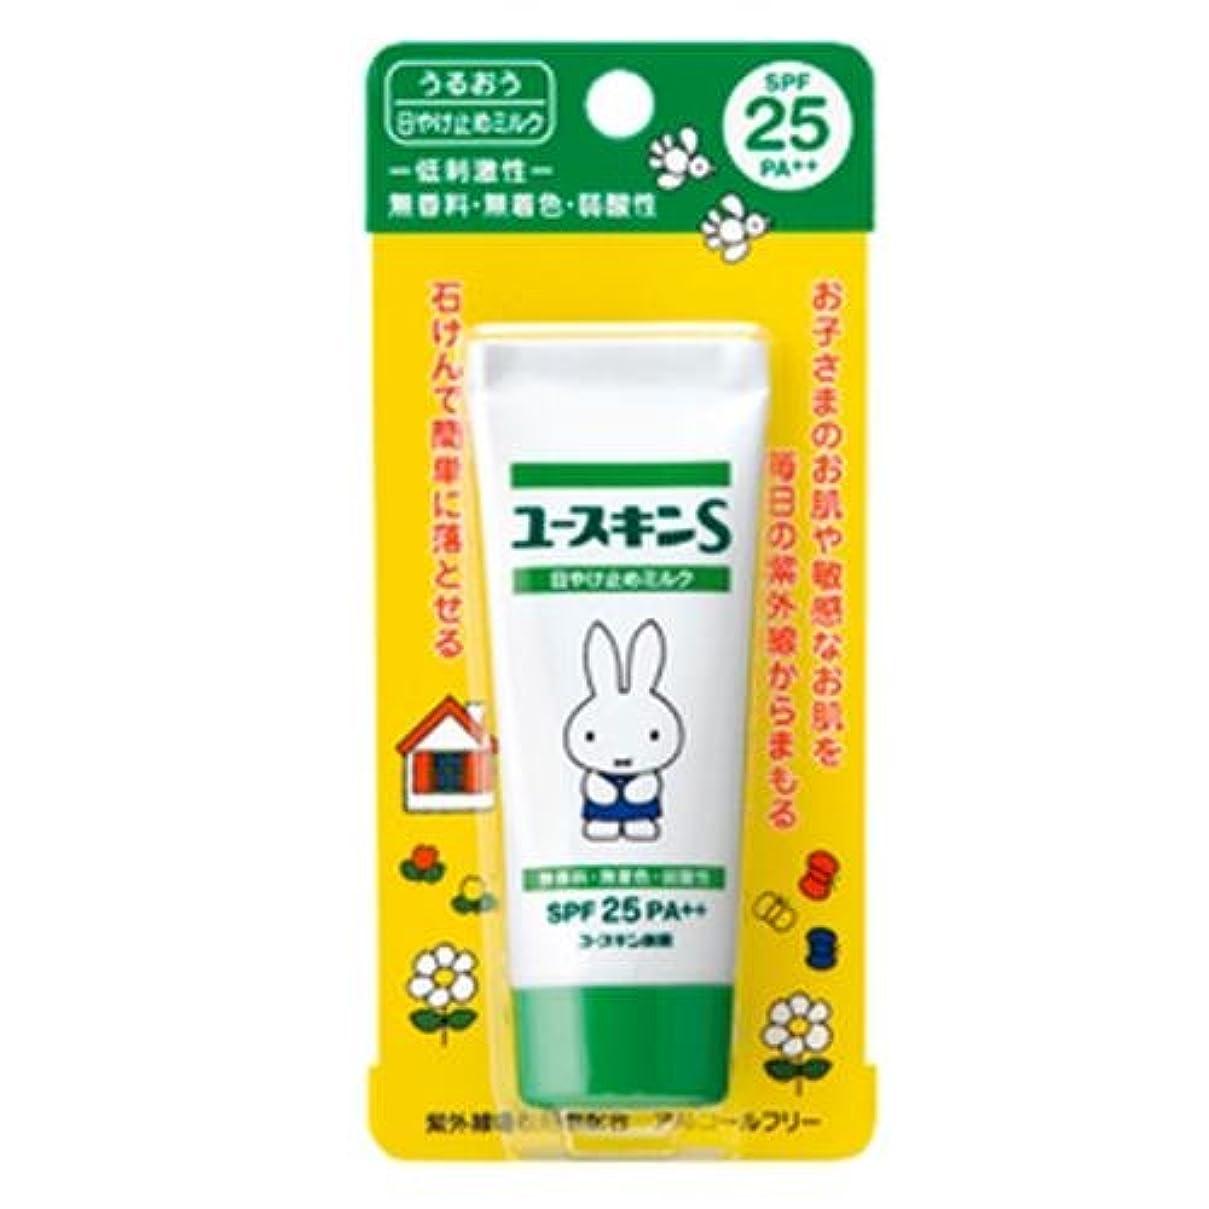 癌伸ばすファウルユースキンS UVミルク SPF25 PA++ 40g (敏感肌用 日焼け止め)